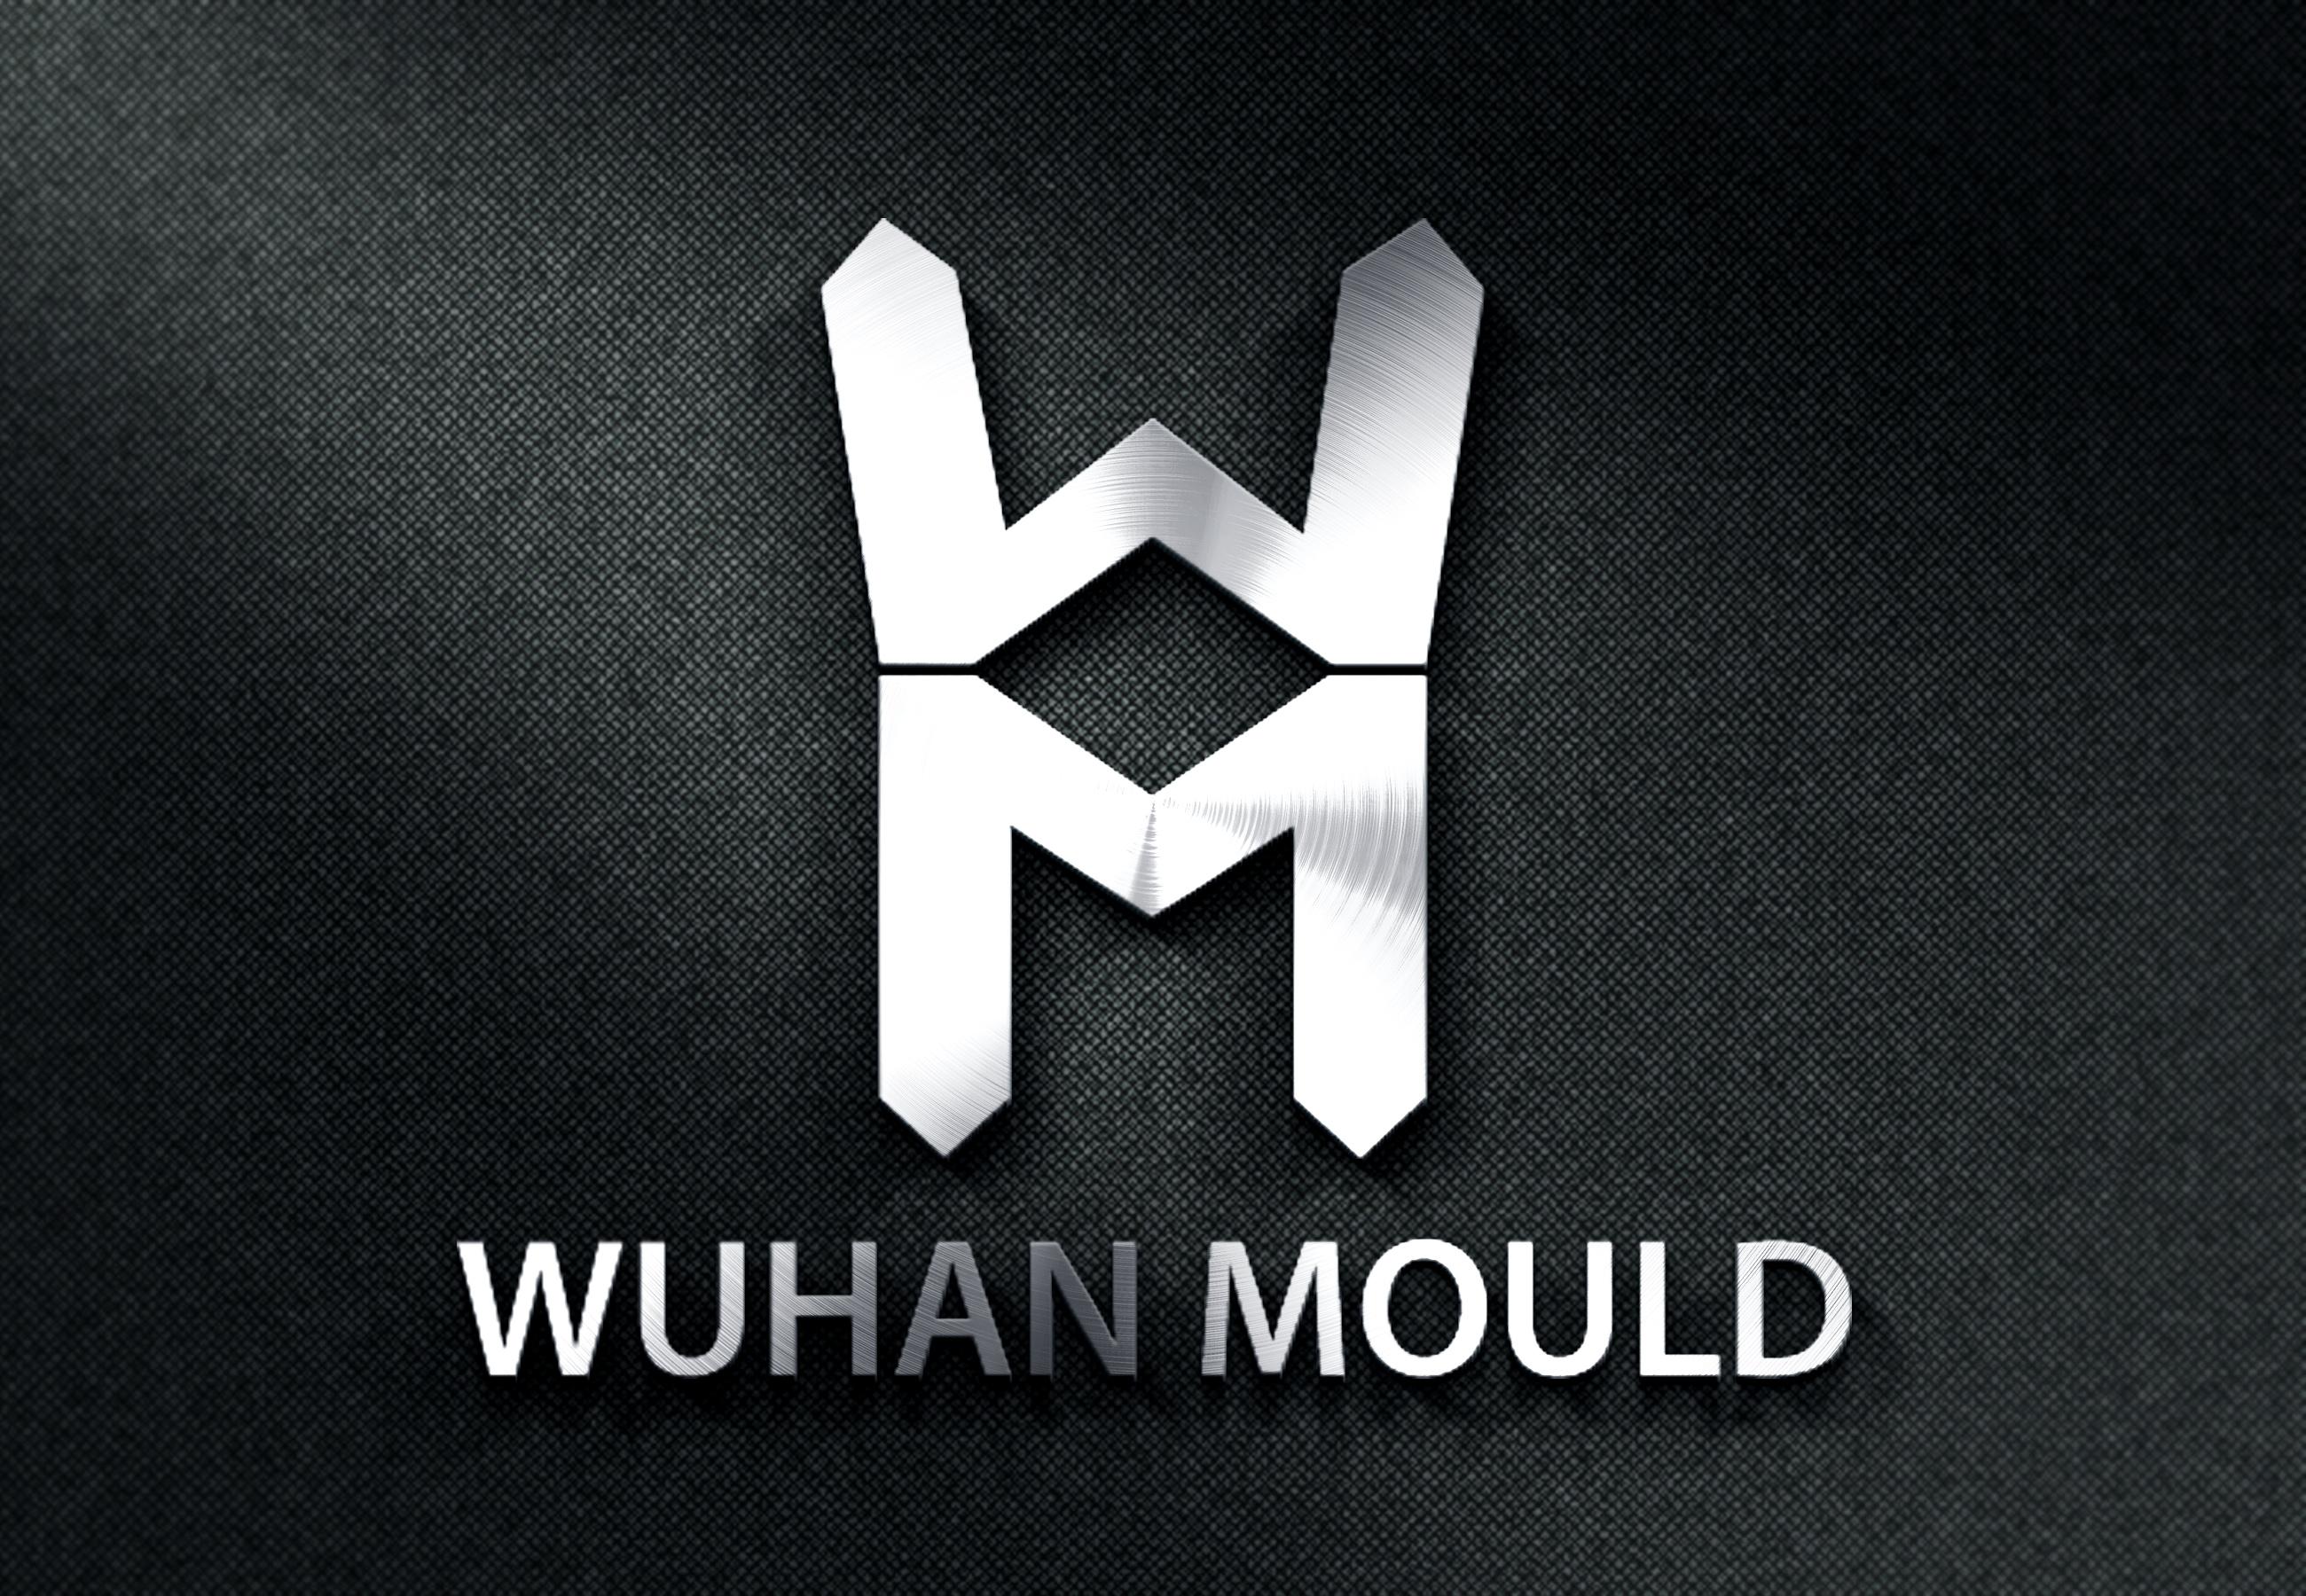 Создать логотип для фабрики пресс-форм фото f_445598a1c51bdb8e.jpg